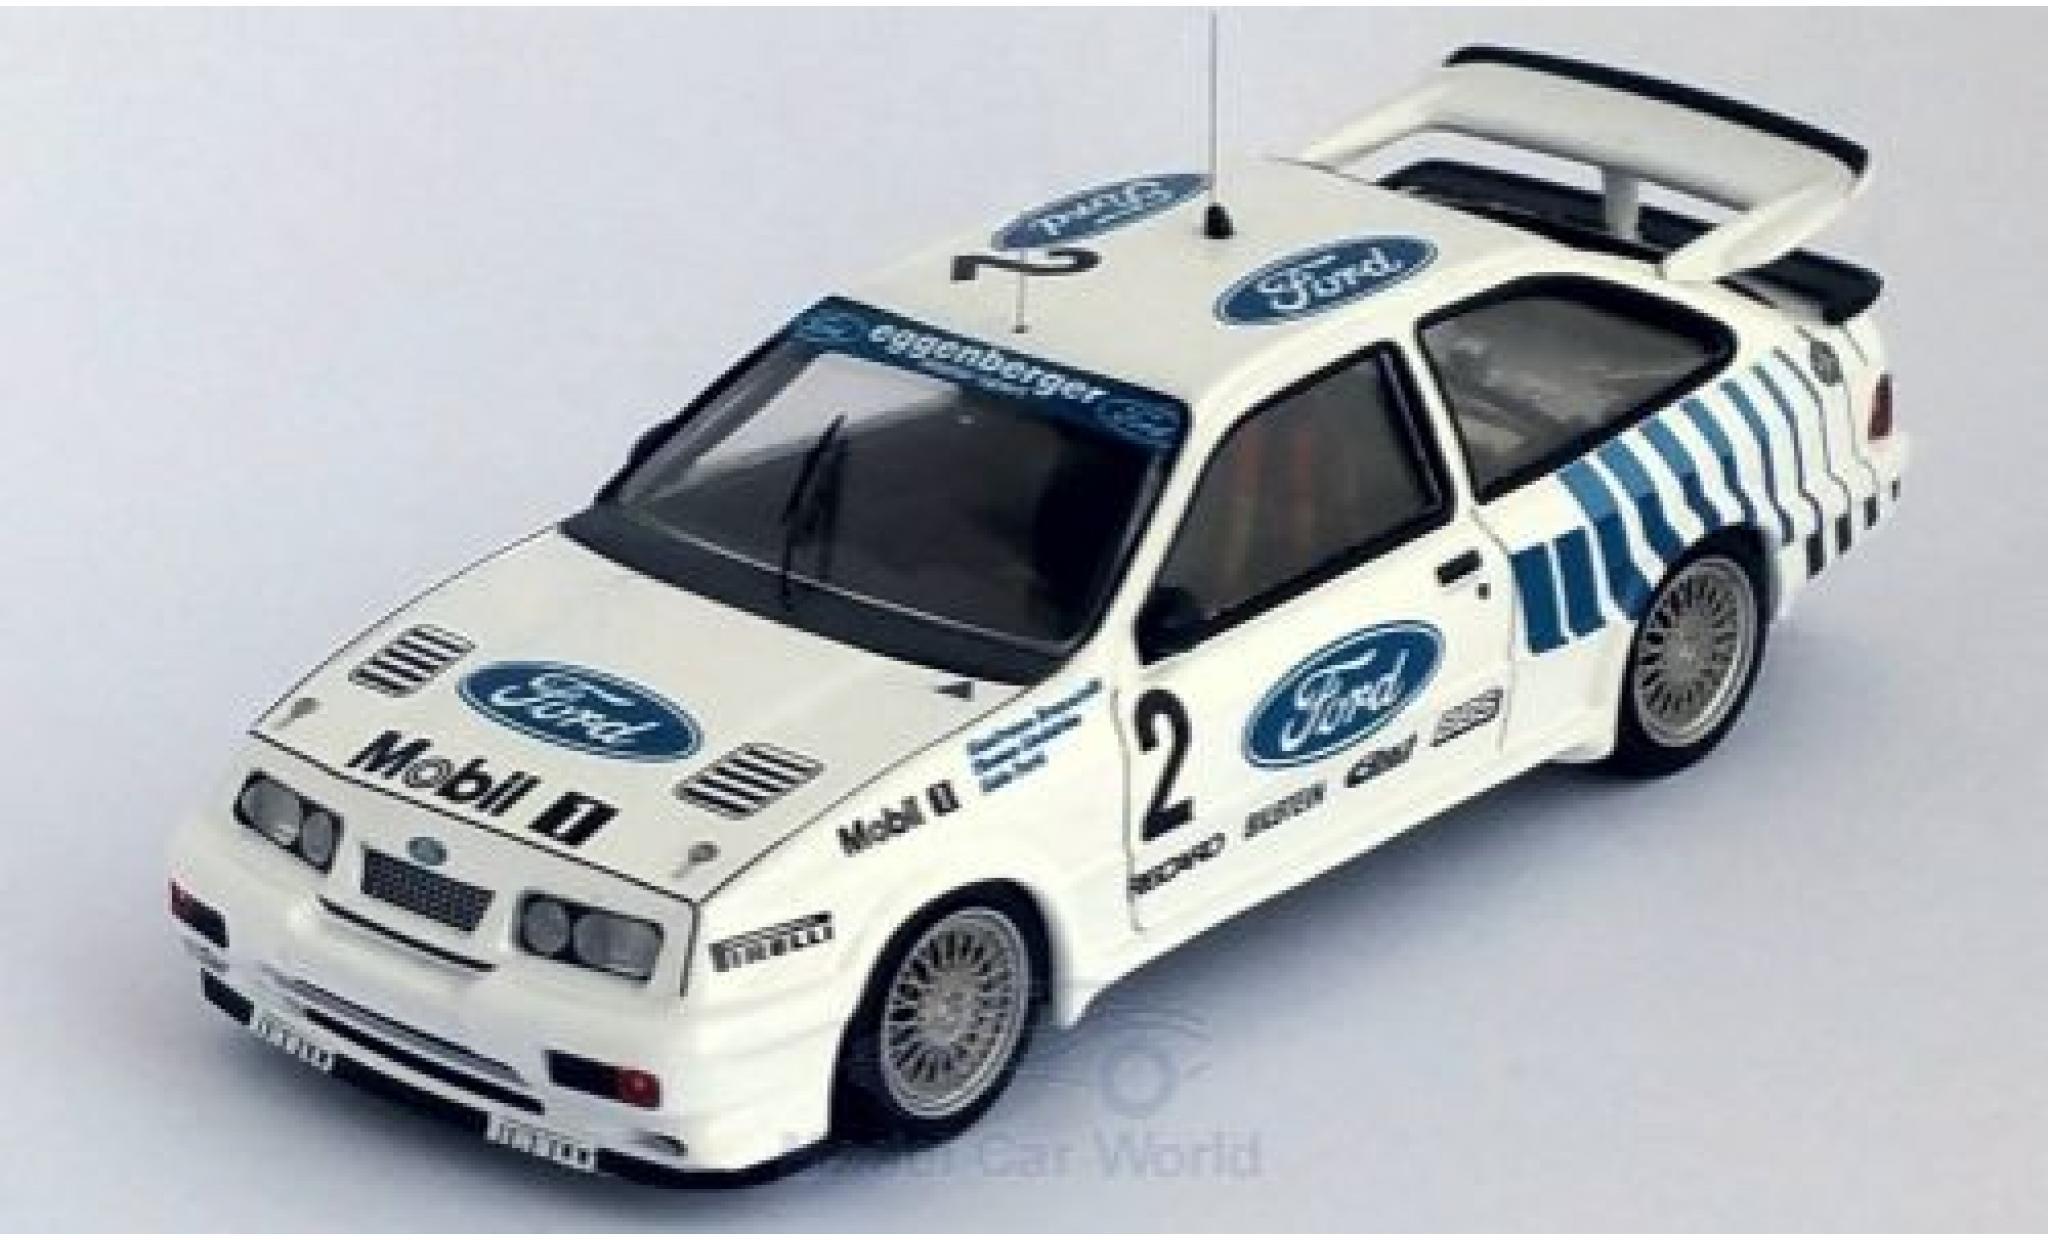 Ford Sierra 1/43 Trofeu RS 500 Cosworth No.2 Eggenberger Mobil 1 24h Nürburgring 1989 G.Brancatelli/T.Lindström/A.Ferte